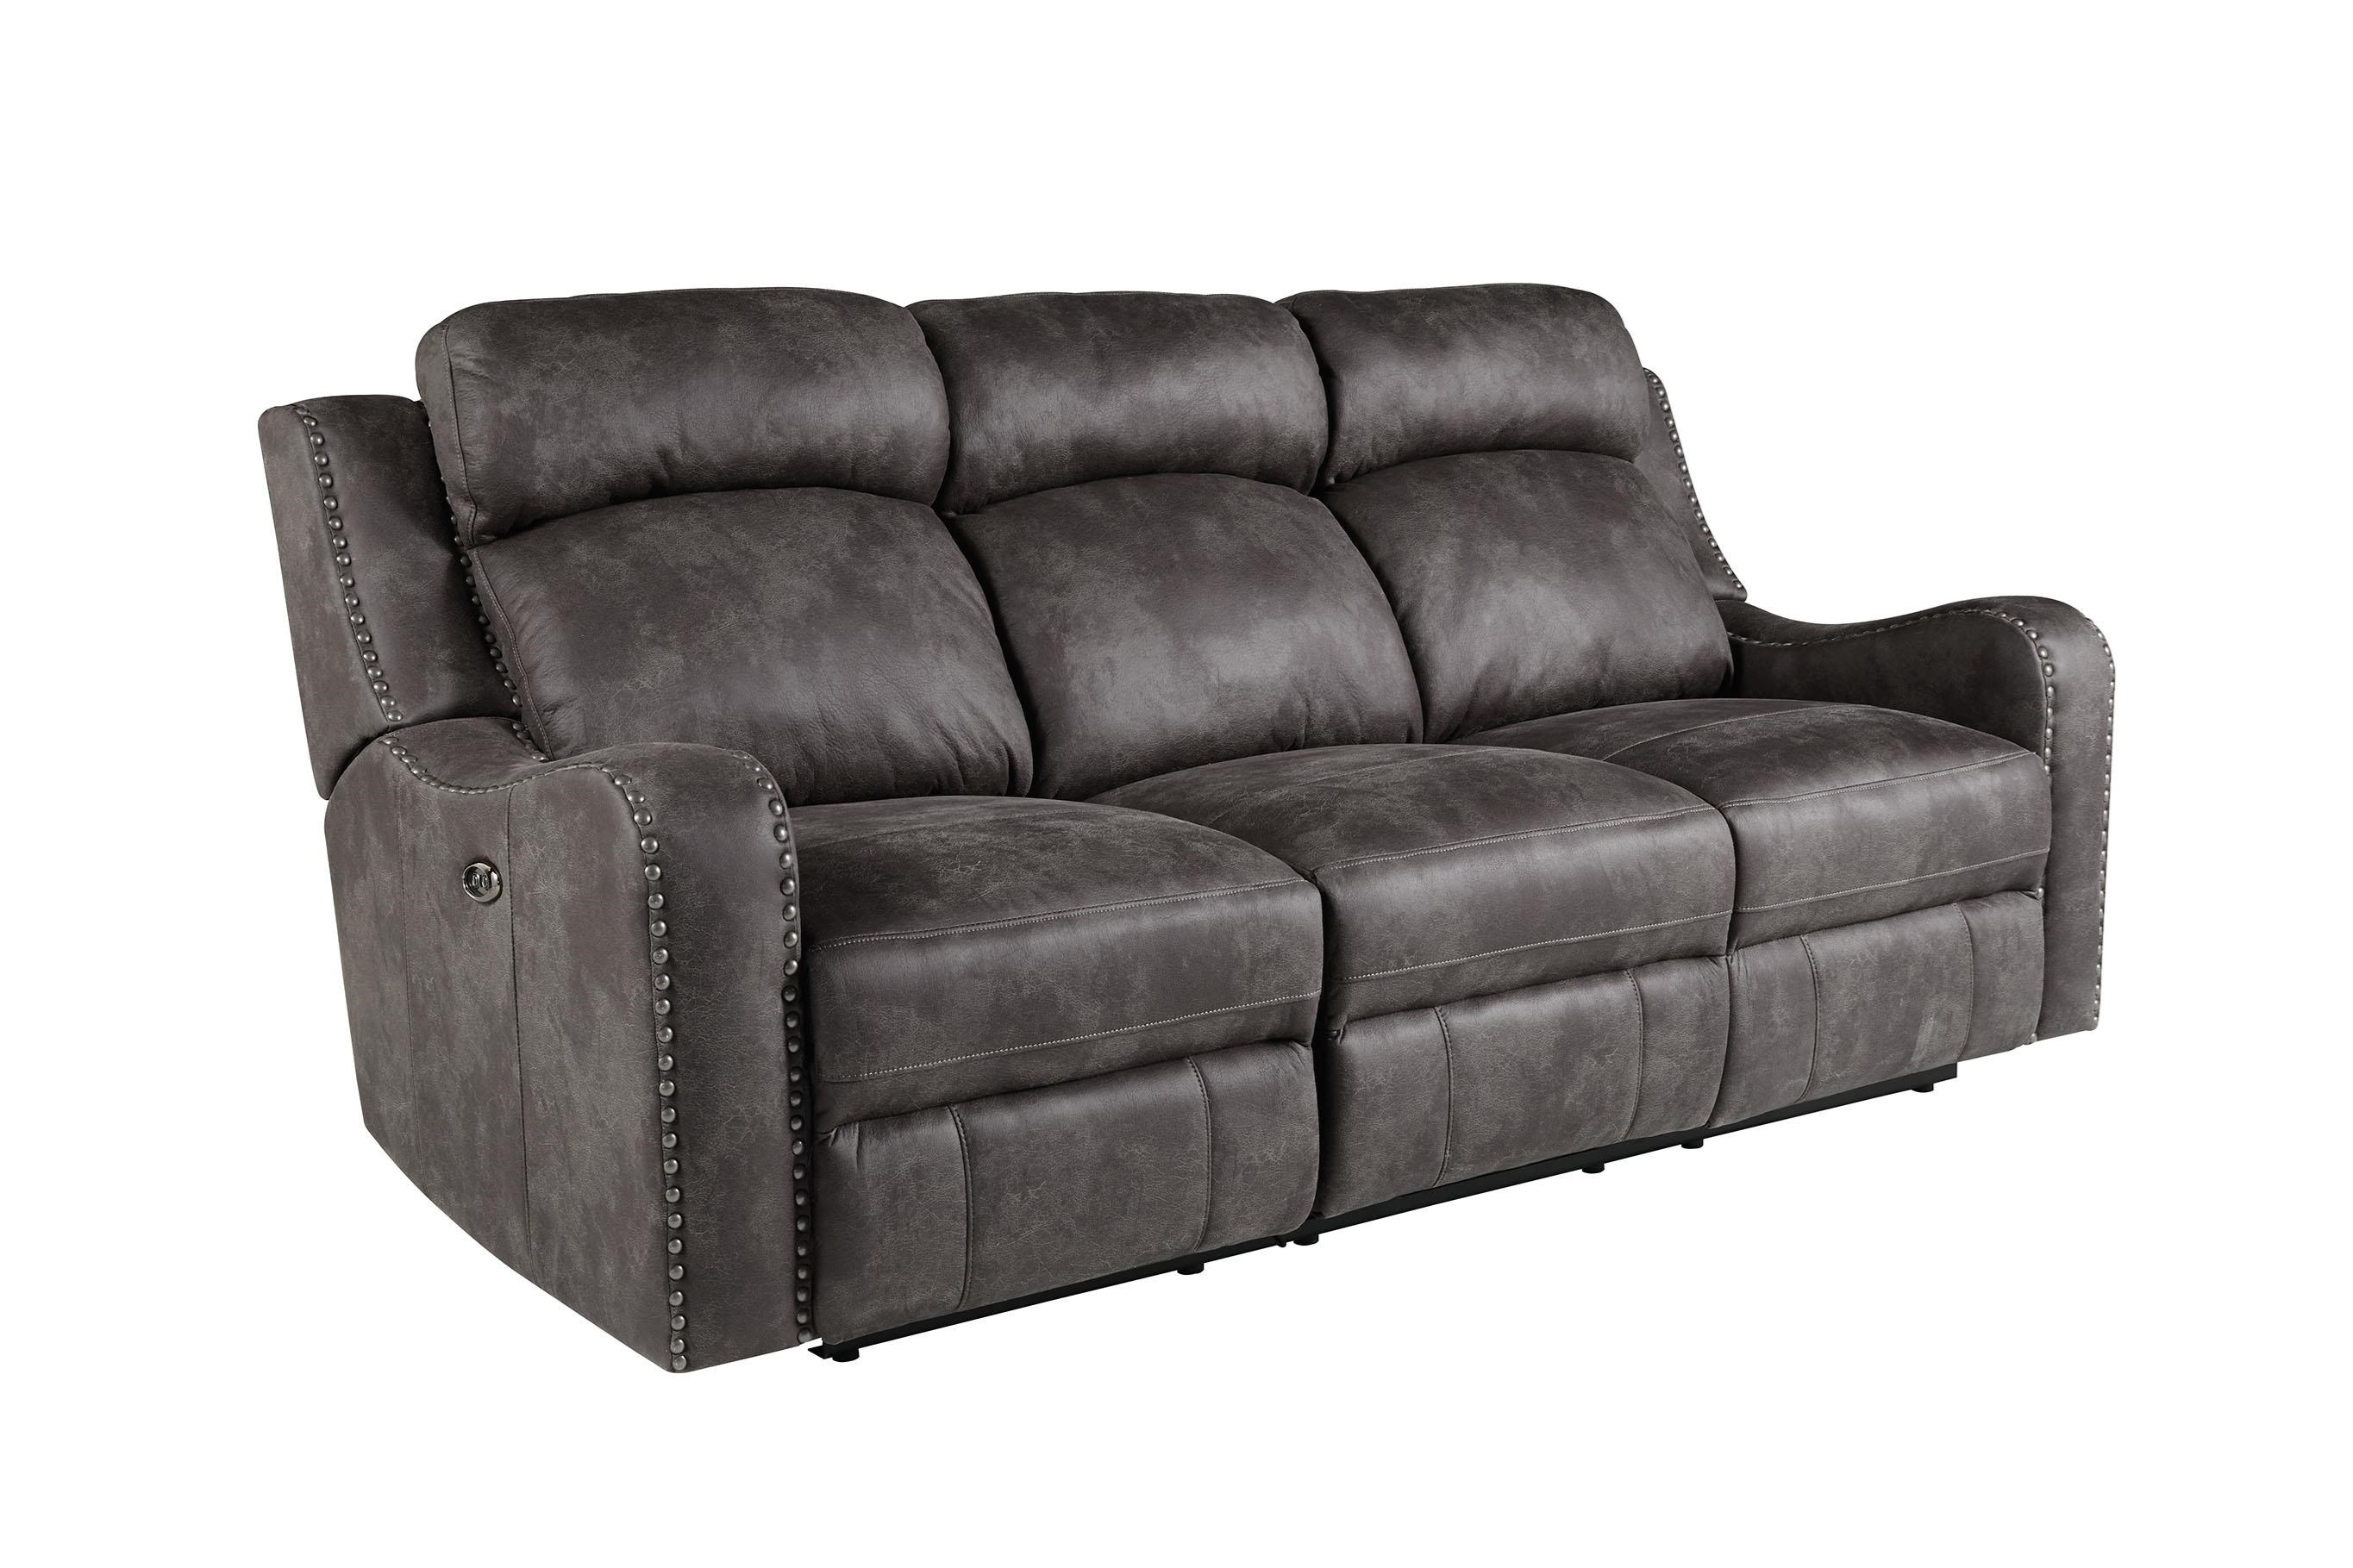 Standard Furniture Bankston Grey Reclining Sofa - Item Number: 4148393